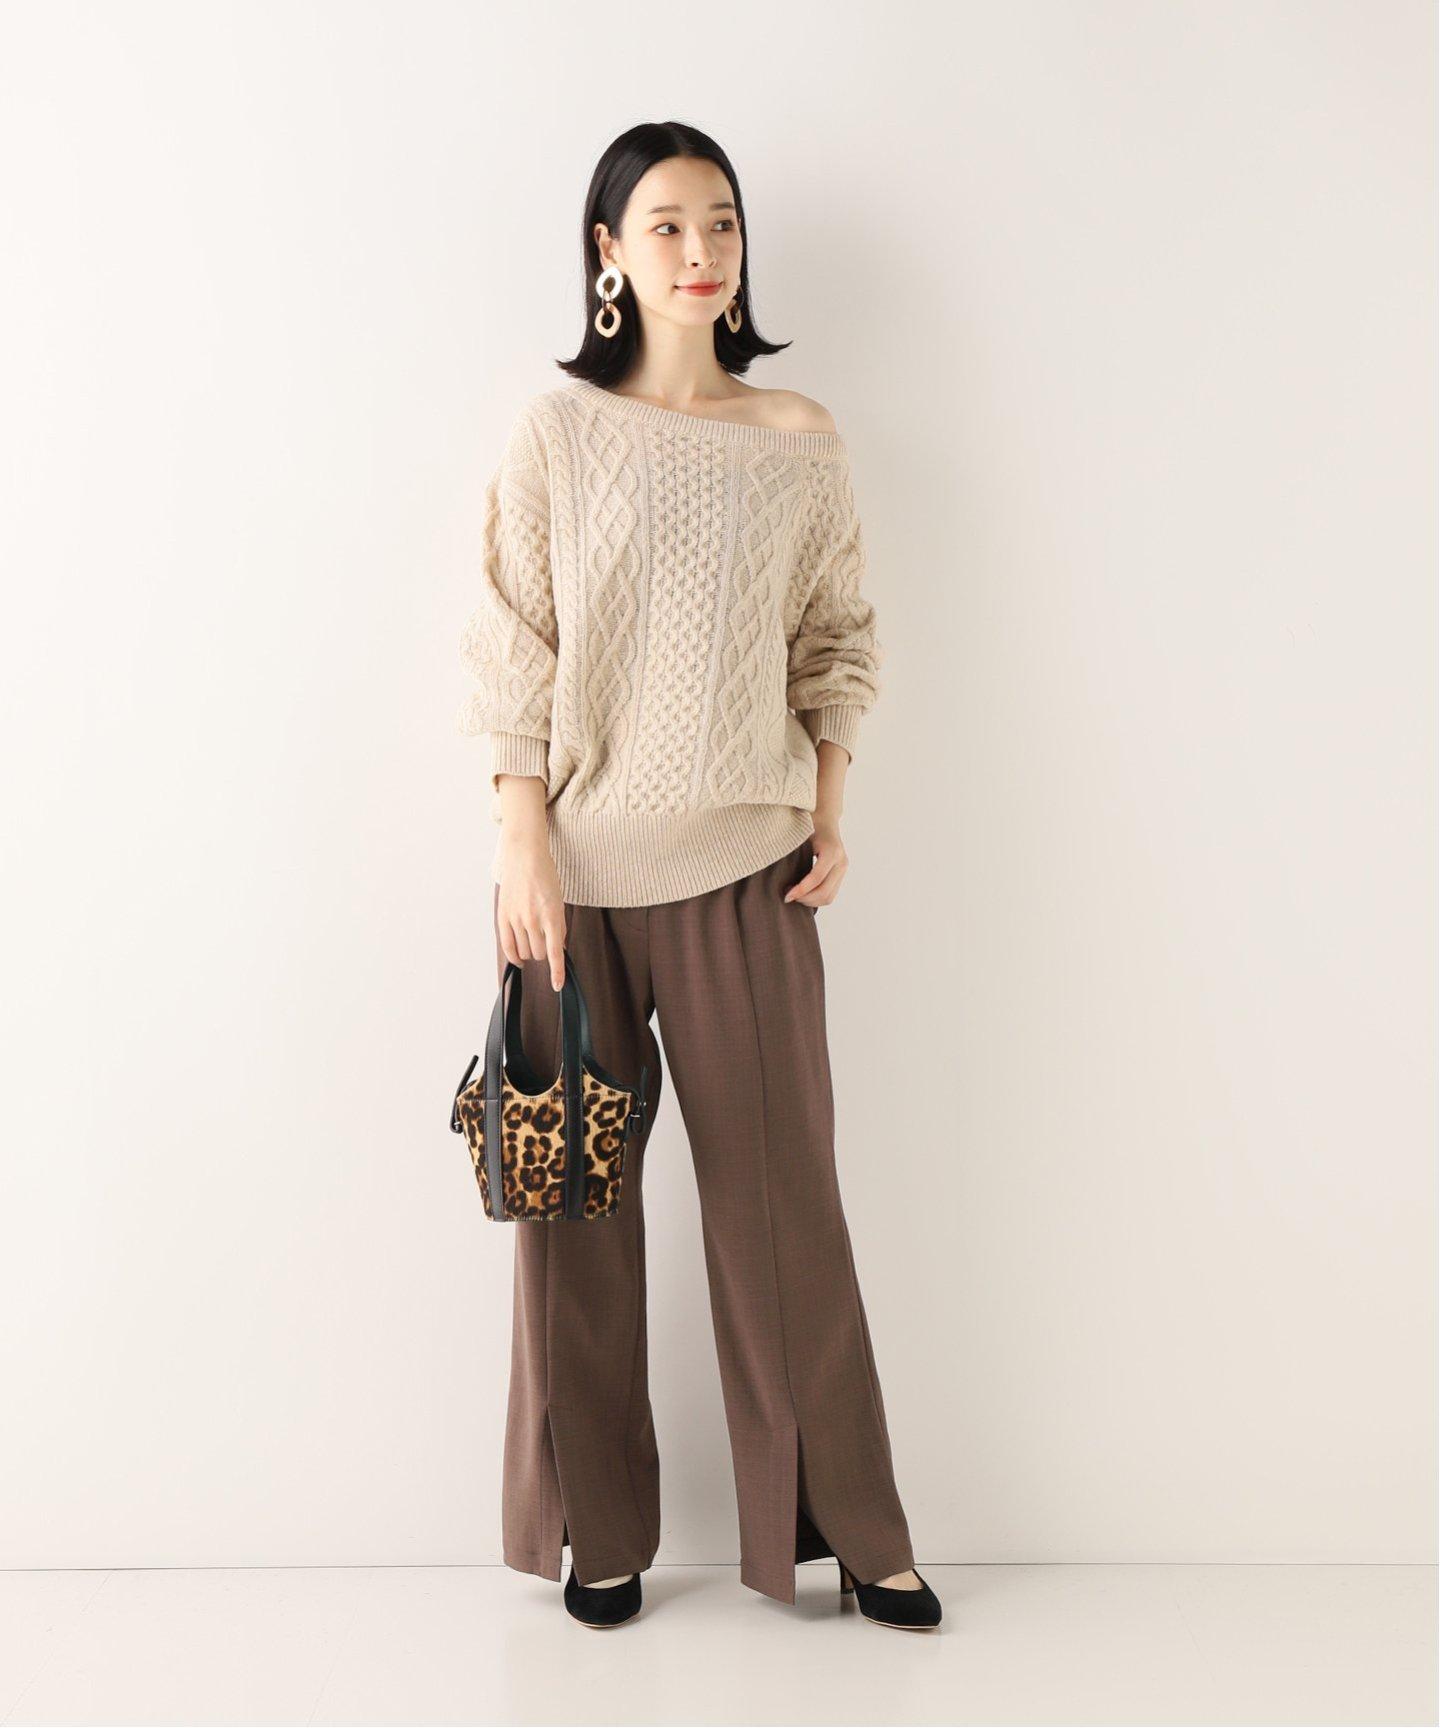 長褲多了開衩剪裁就是時髦! 不同開衩角度穿搭起來哪裡不一樣購入前要先知道 | | 美人計 | 妞新聞 niusnews